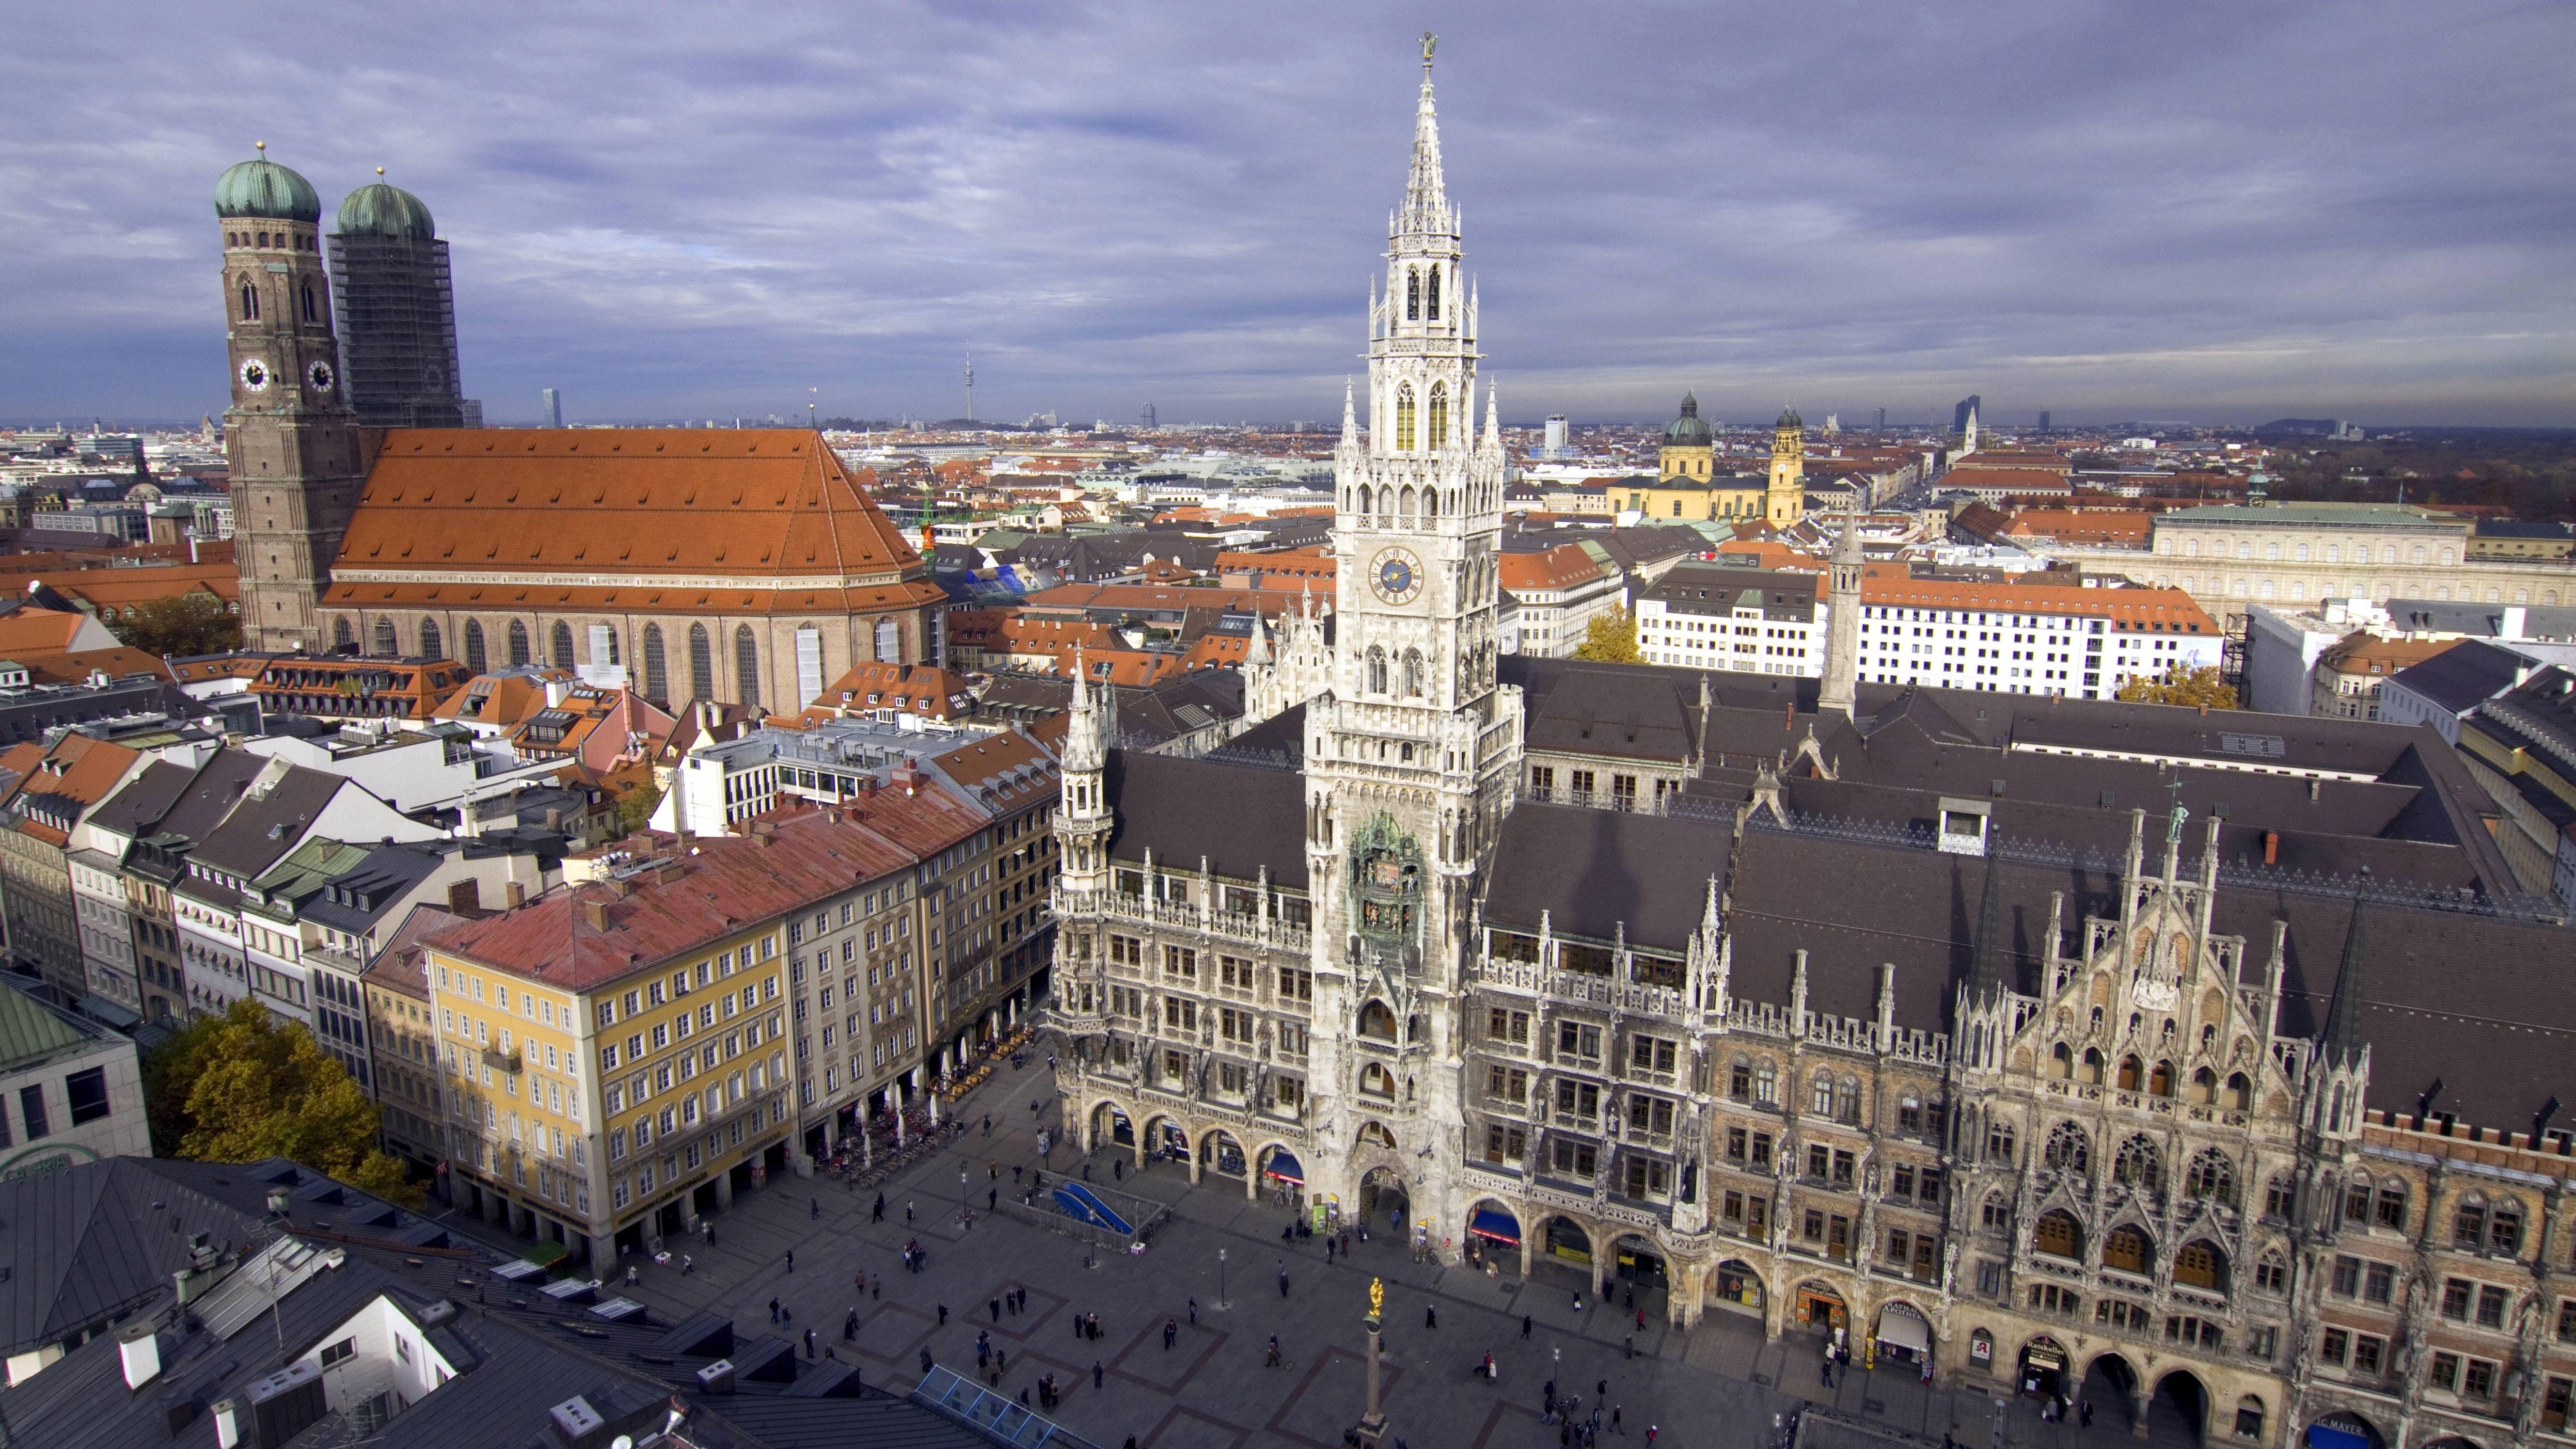 Blick von der Aussichtsplattform des Kirchturms Sankt Peter auf die Frauenkirche, Marienplatz und das neue Rathhaus in München.